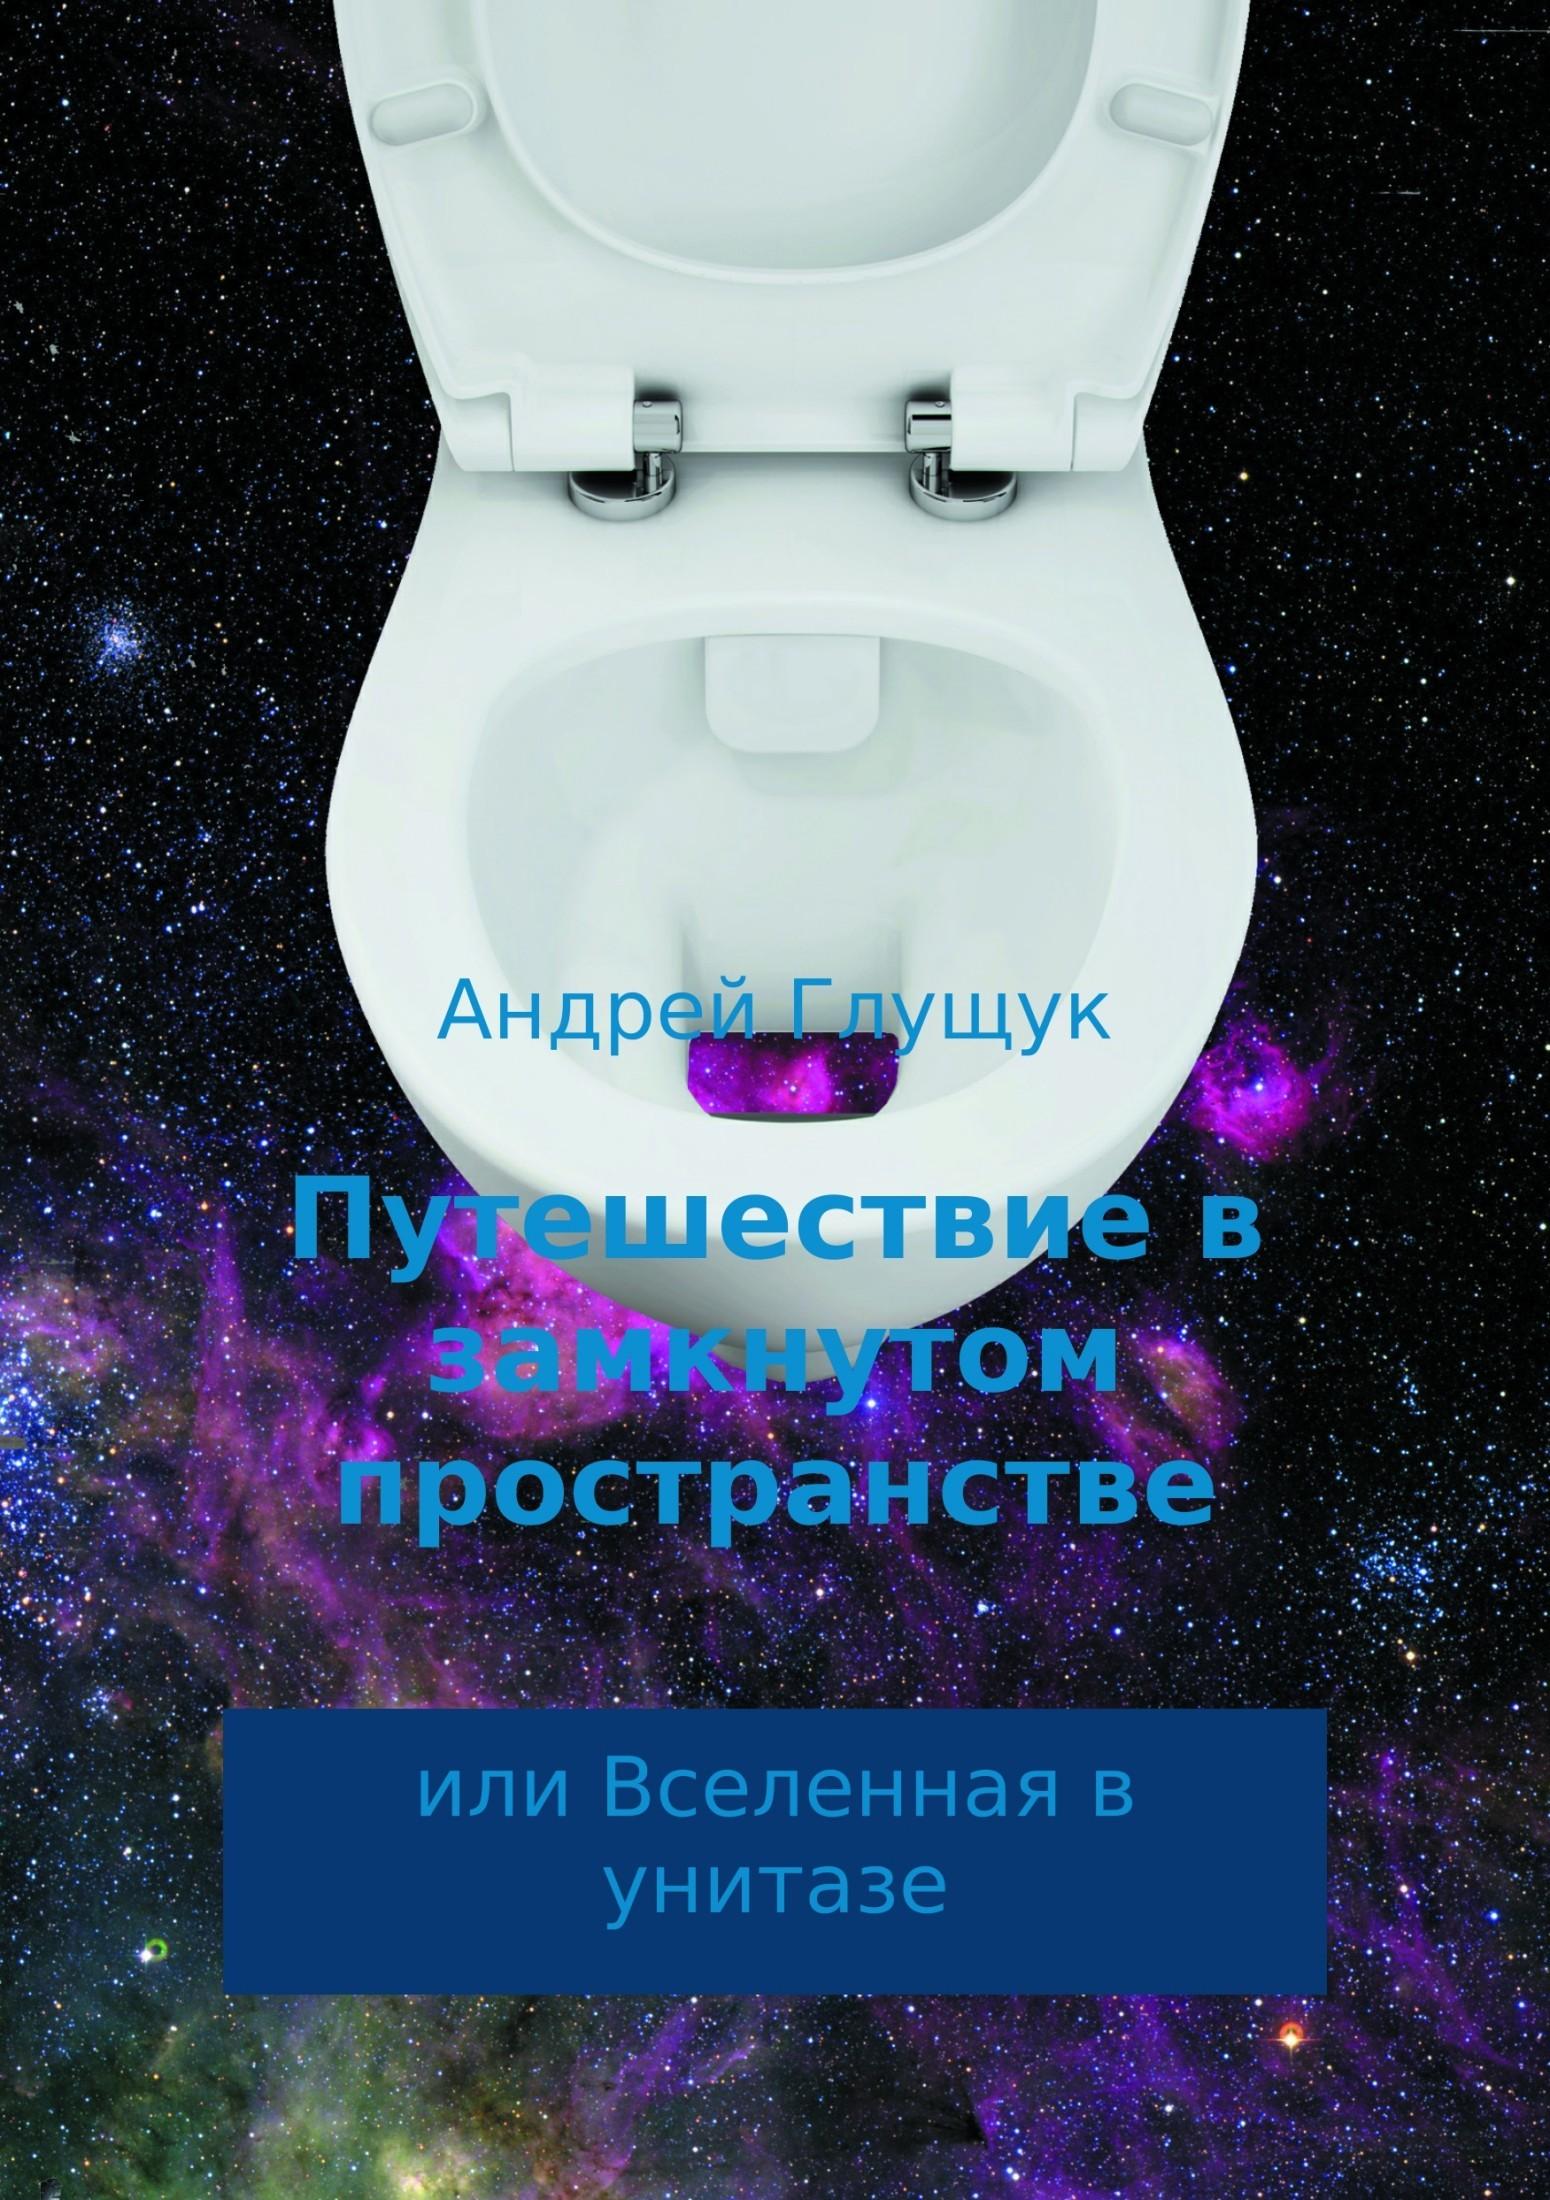 Андрей Михайлович Глущук Путешествие в замкнутом пространстве или Вселенная в унитазе эфраим баух над краем кратера